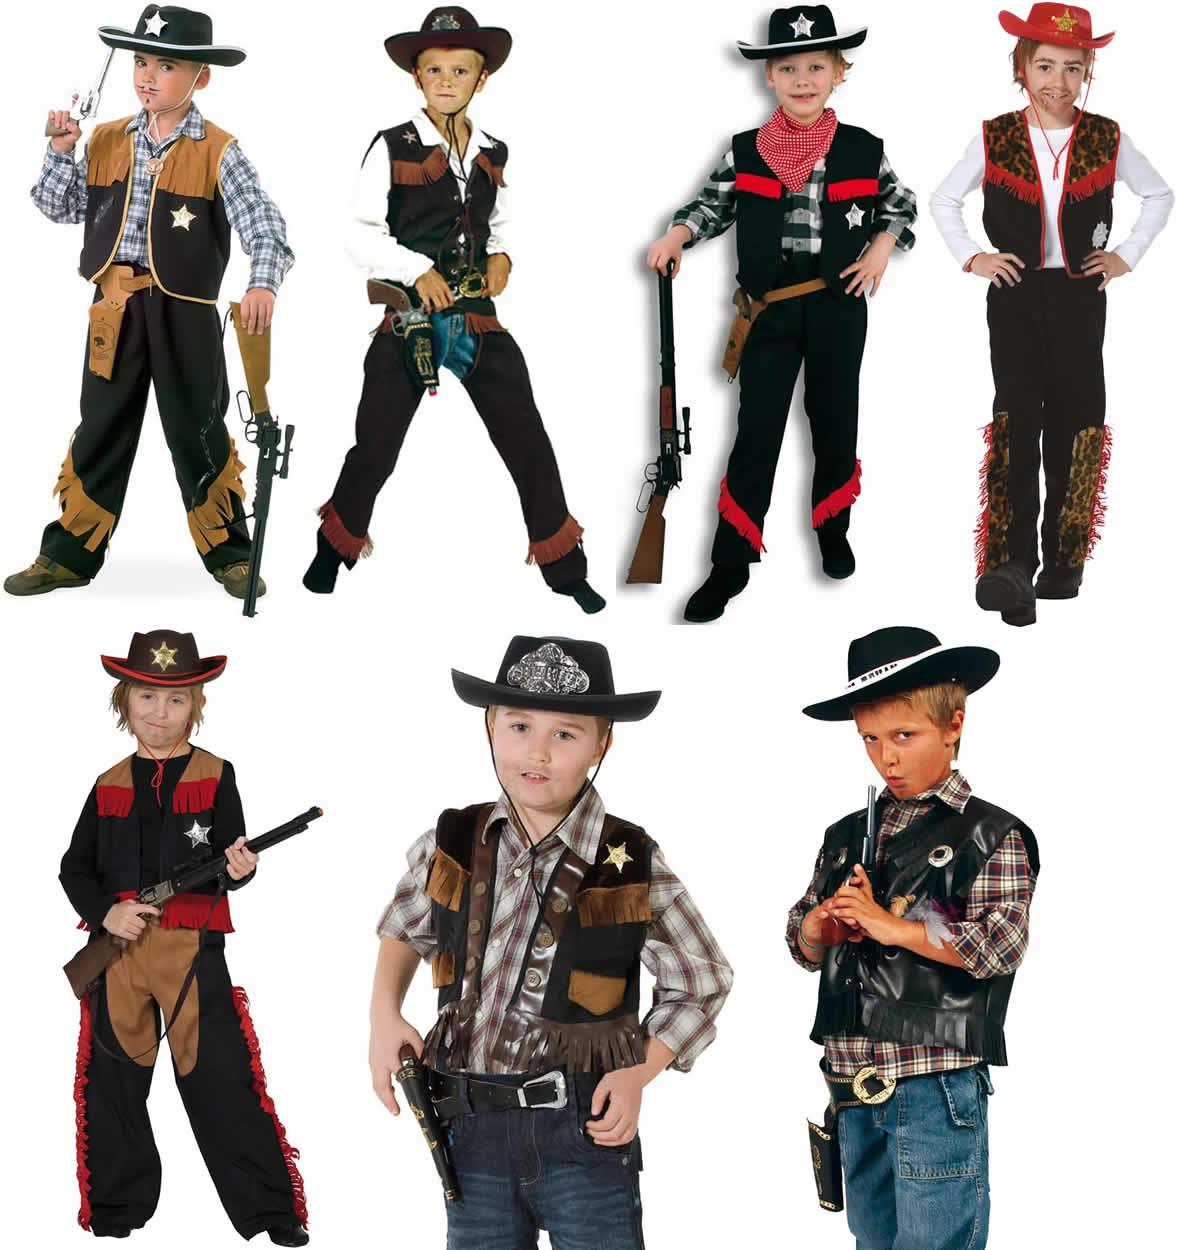 Cowboy Cowboyweste Weste Kinder Karneval Fasching Kostum 104 152 Ebay